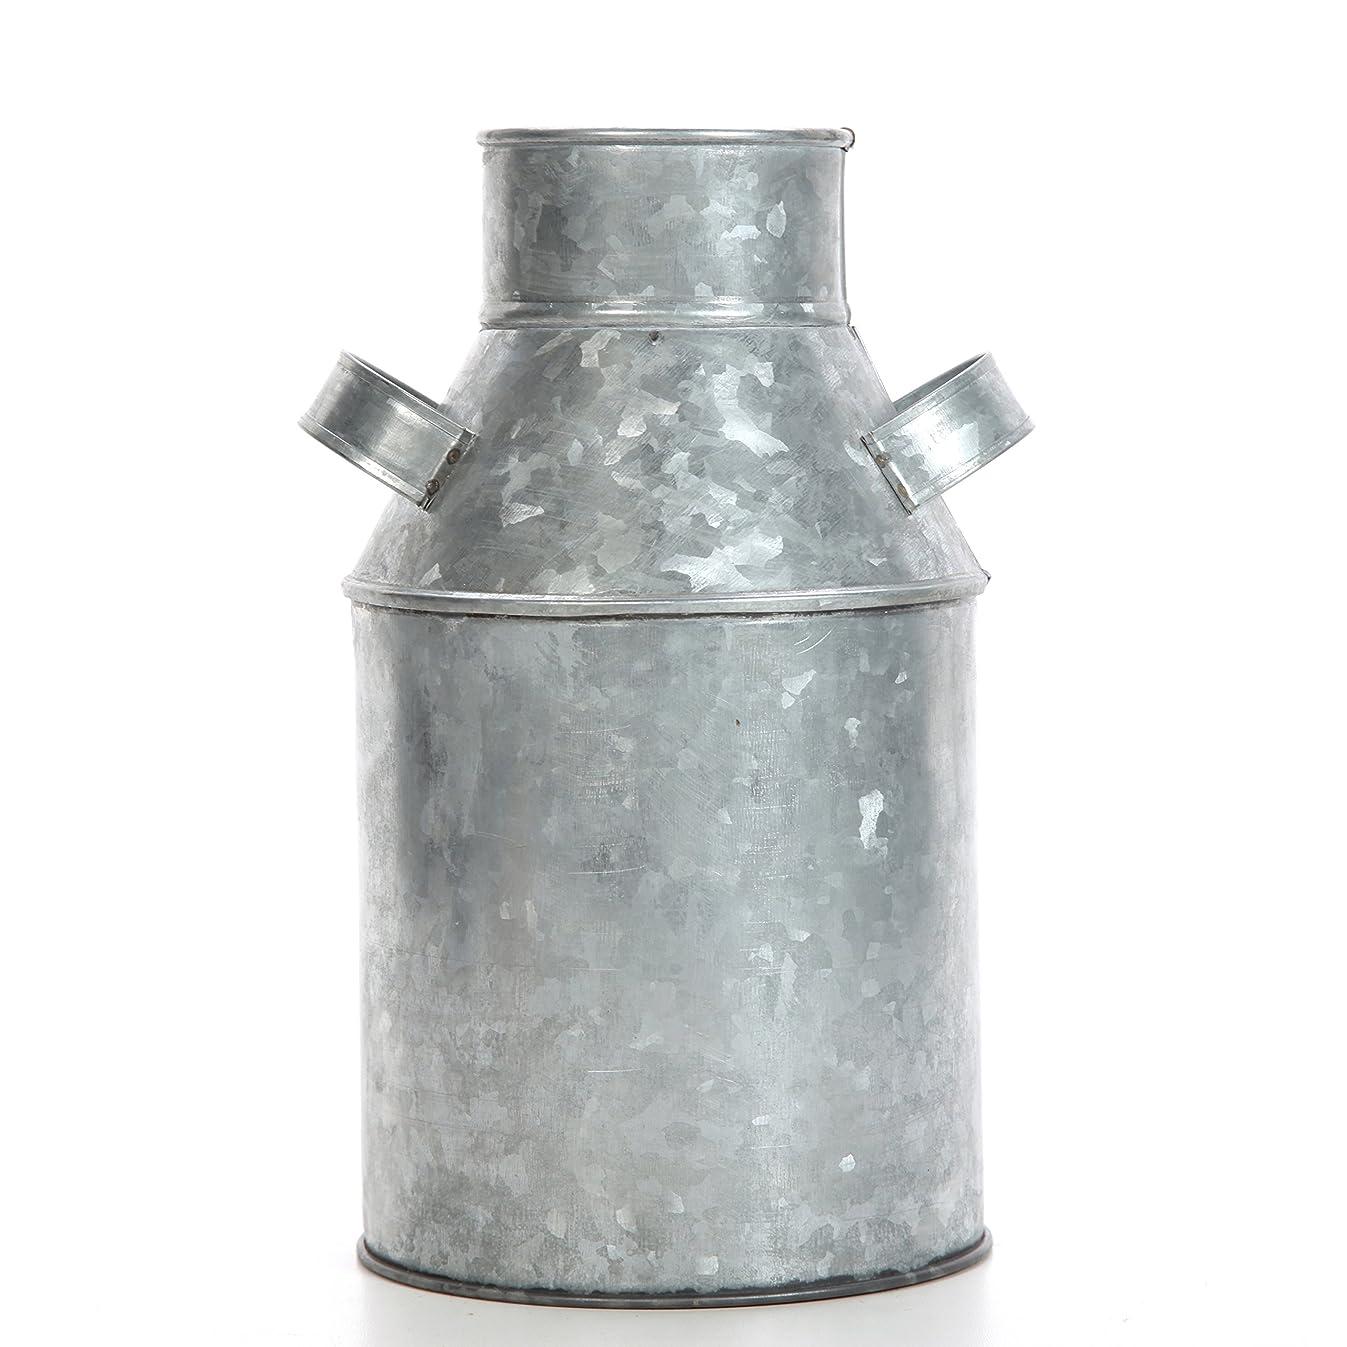 Hosley Galvanized Milk Can - 9.75